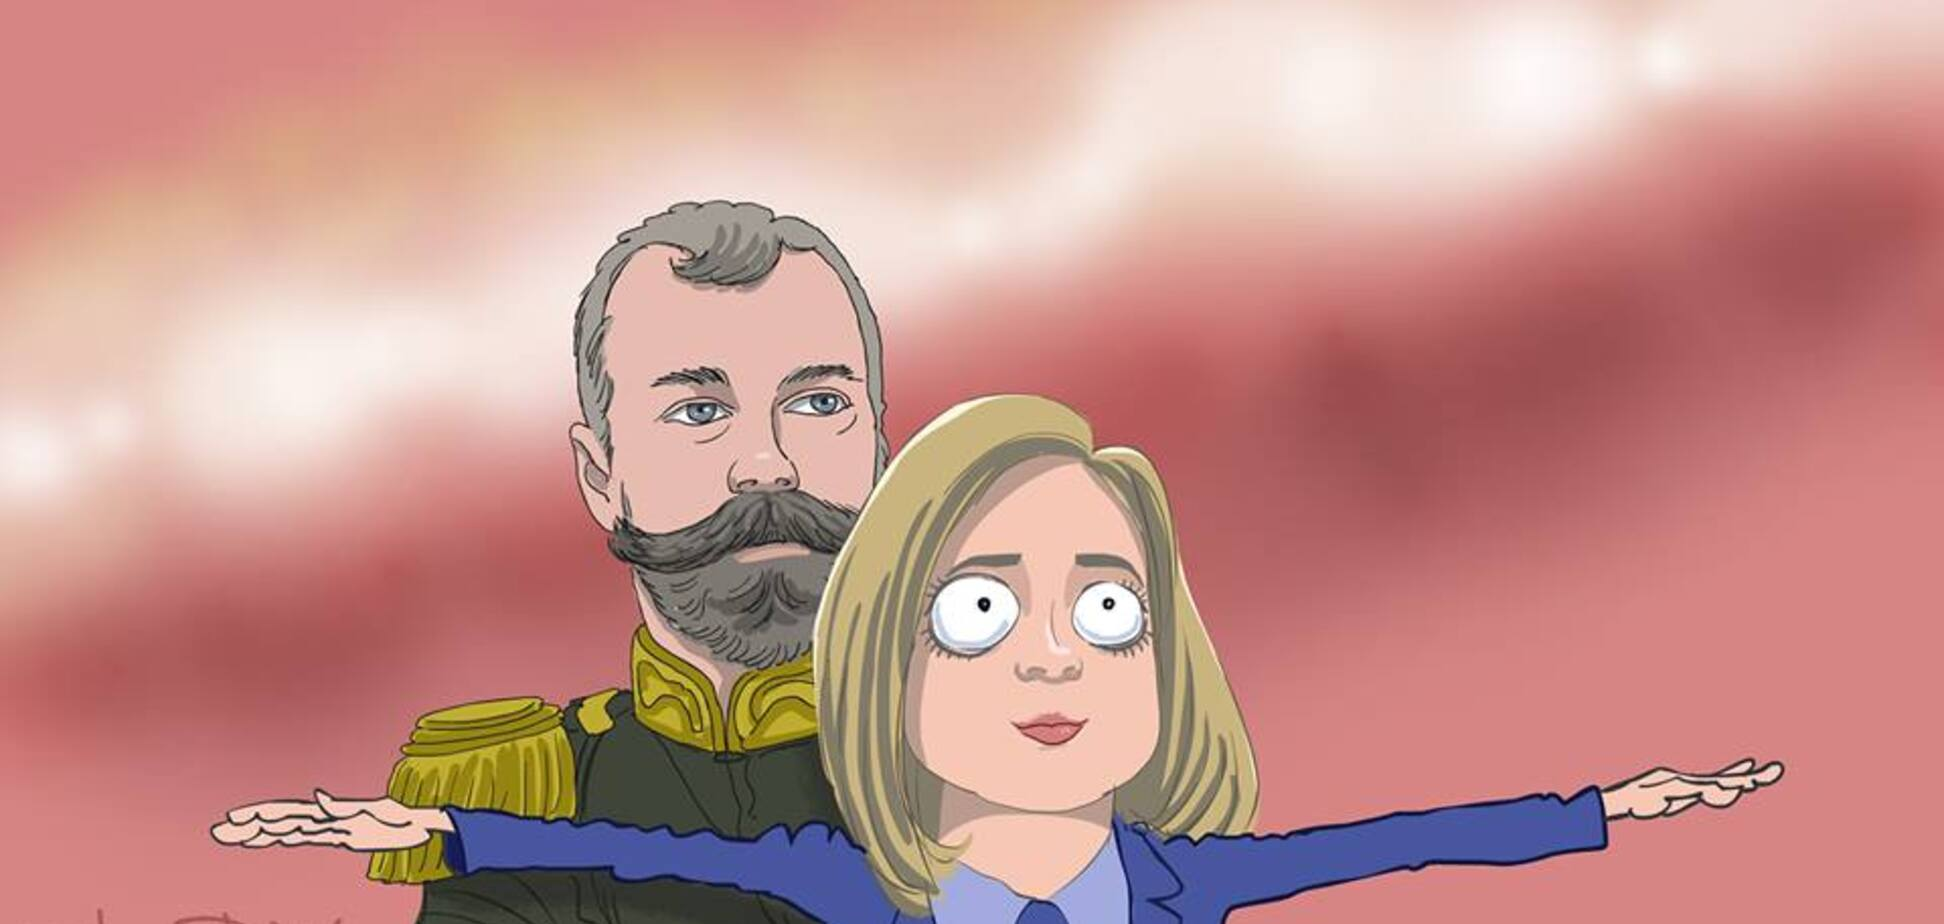 За царя и 'Матильду': известный карикатурист остро высмеял Няшу-Поклонскую